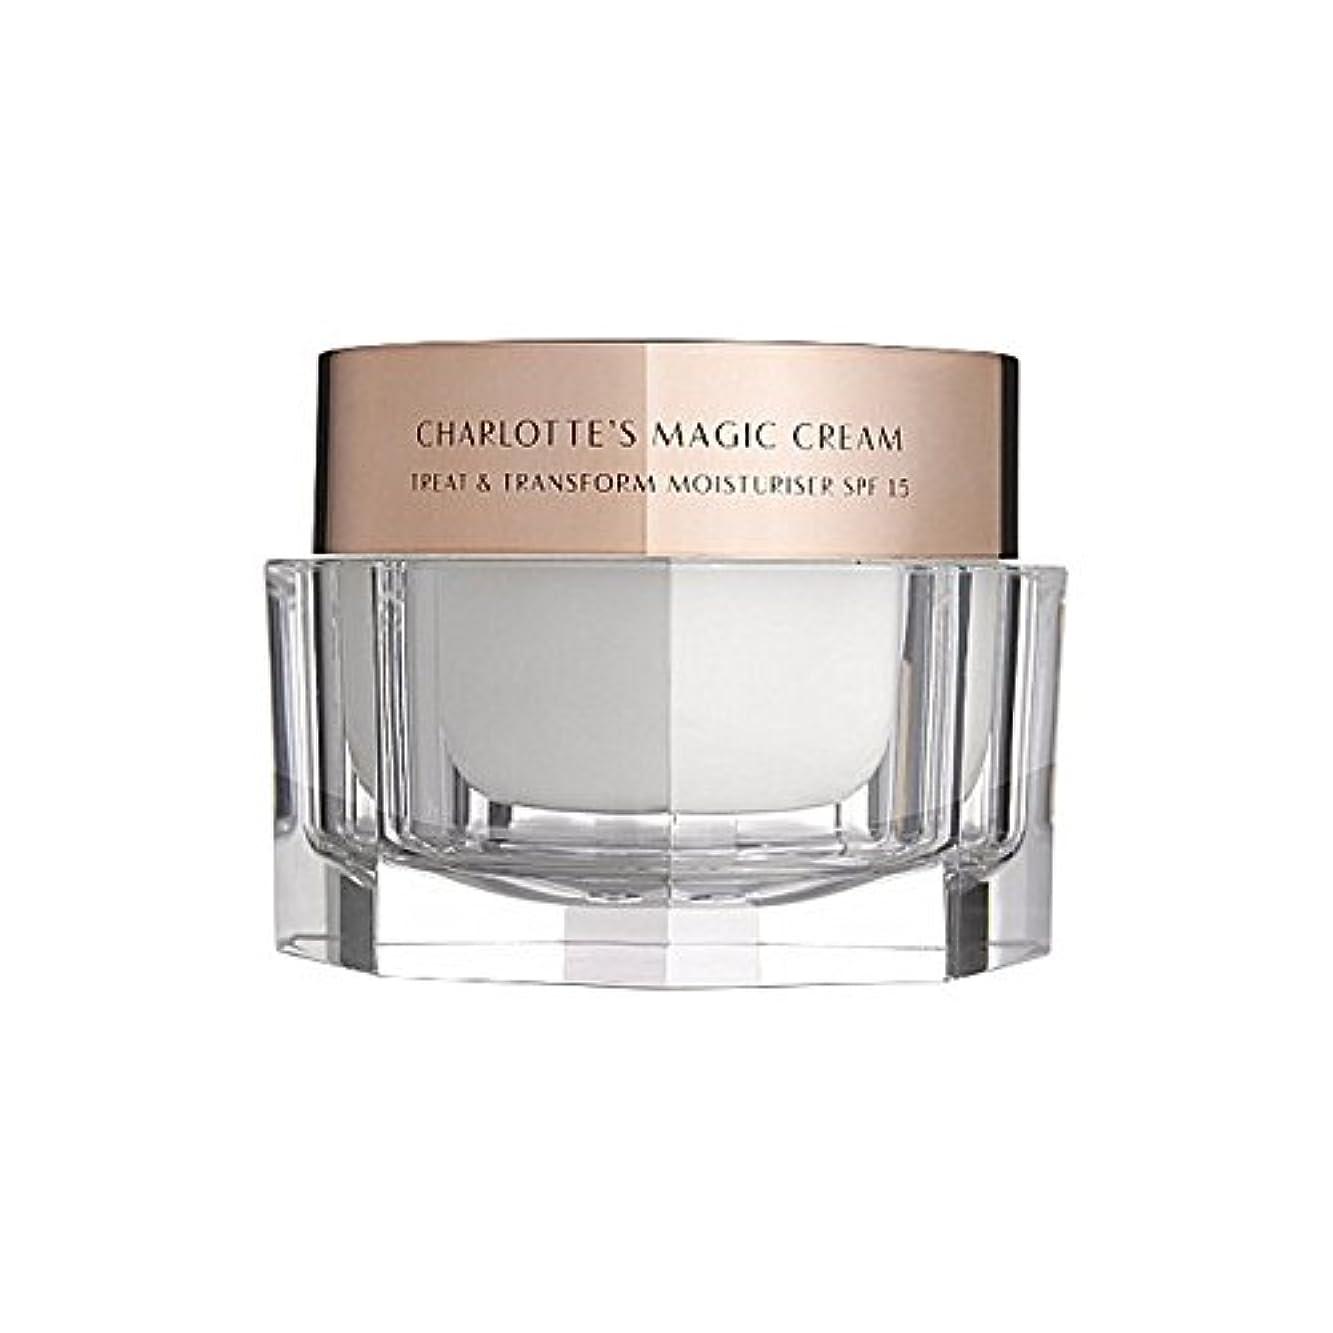 オートメーション決定配管Charlotte Tilbury Charlotte's Magic Cream Treat & Transform Moisturiser Spf 15 50Ml (Pack of 6) - シャーロット?ティルベリーシャーロットの魔法のクリームの御馳走&モイスチャライザー 15 50ミリリットルを変換 x6 [並行輸入品]